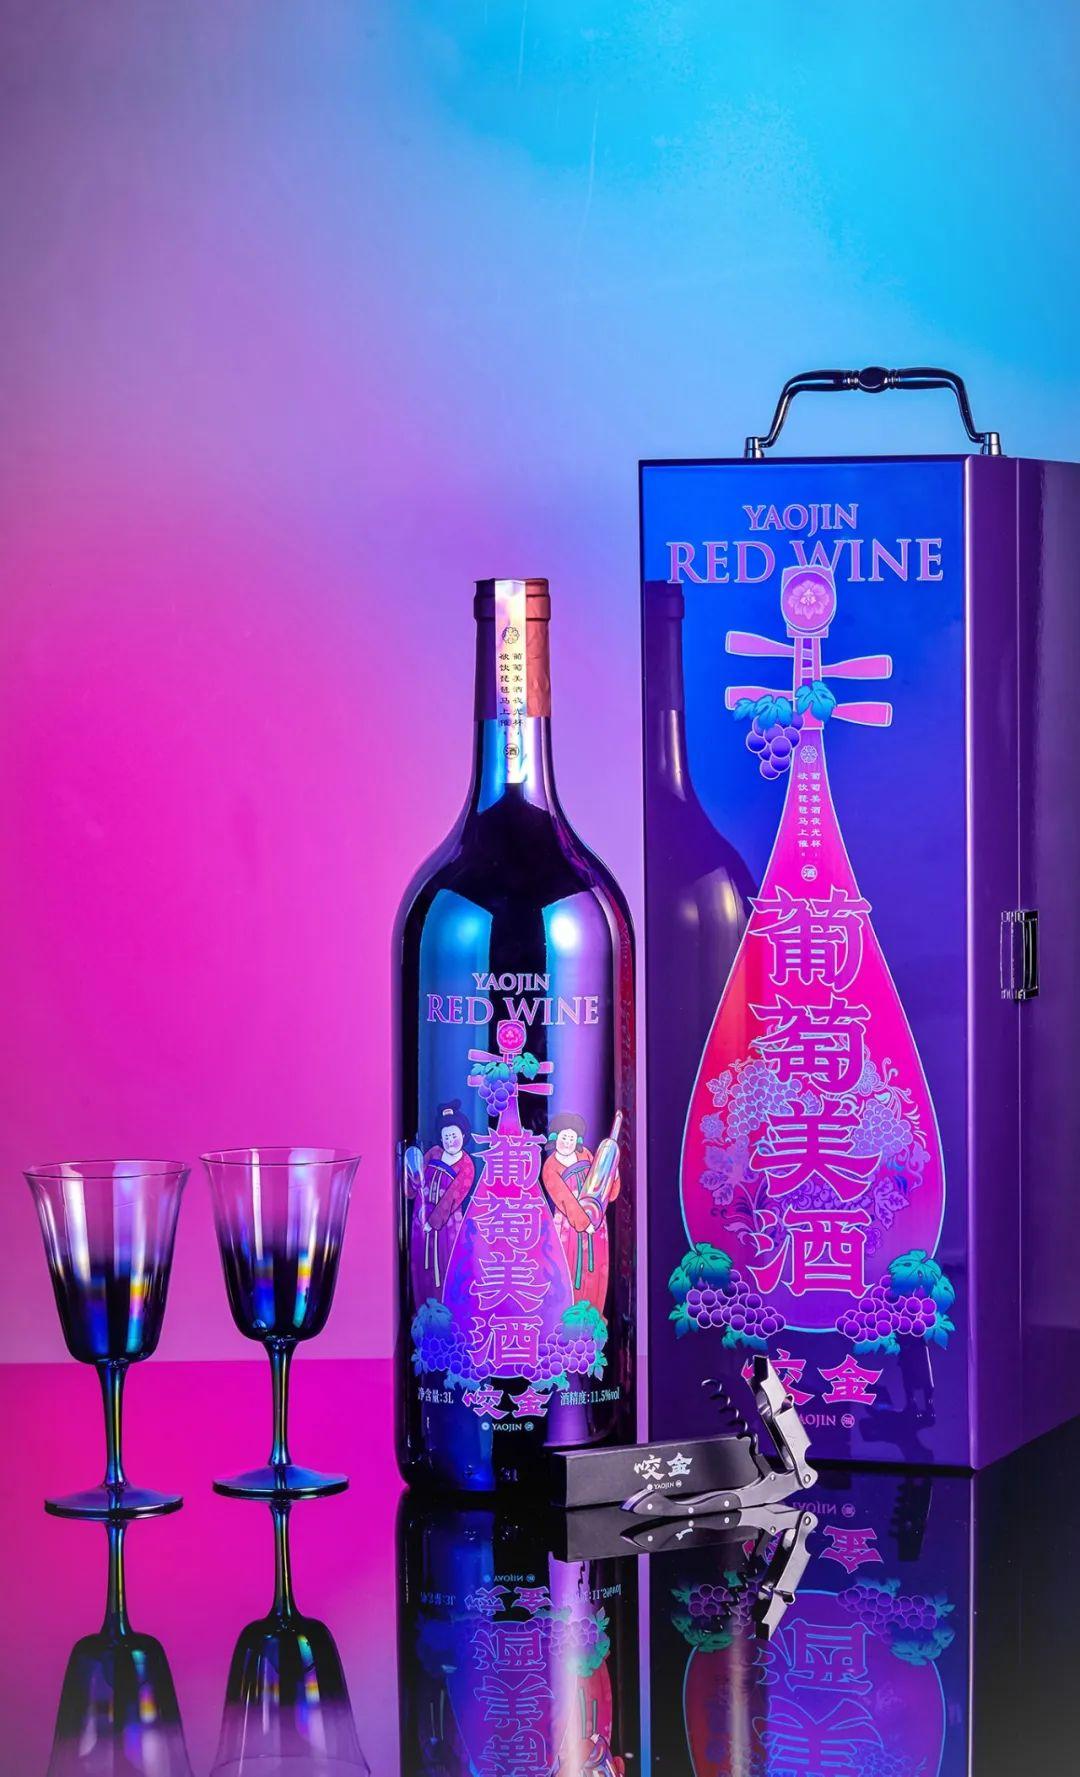 國潮風包裝設計葡萄美酒_高瑞品牌_北京包裝設計公司